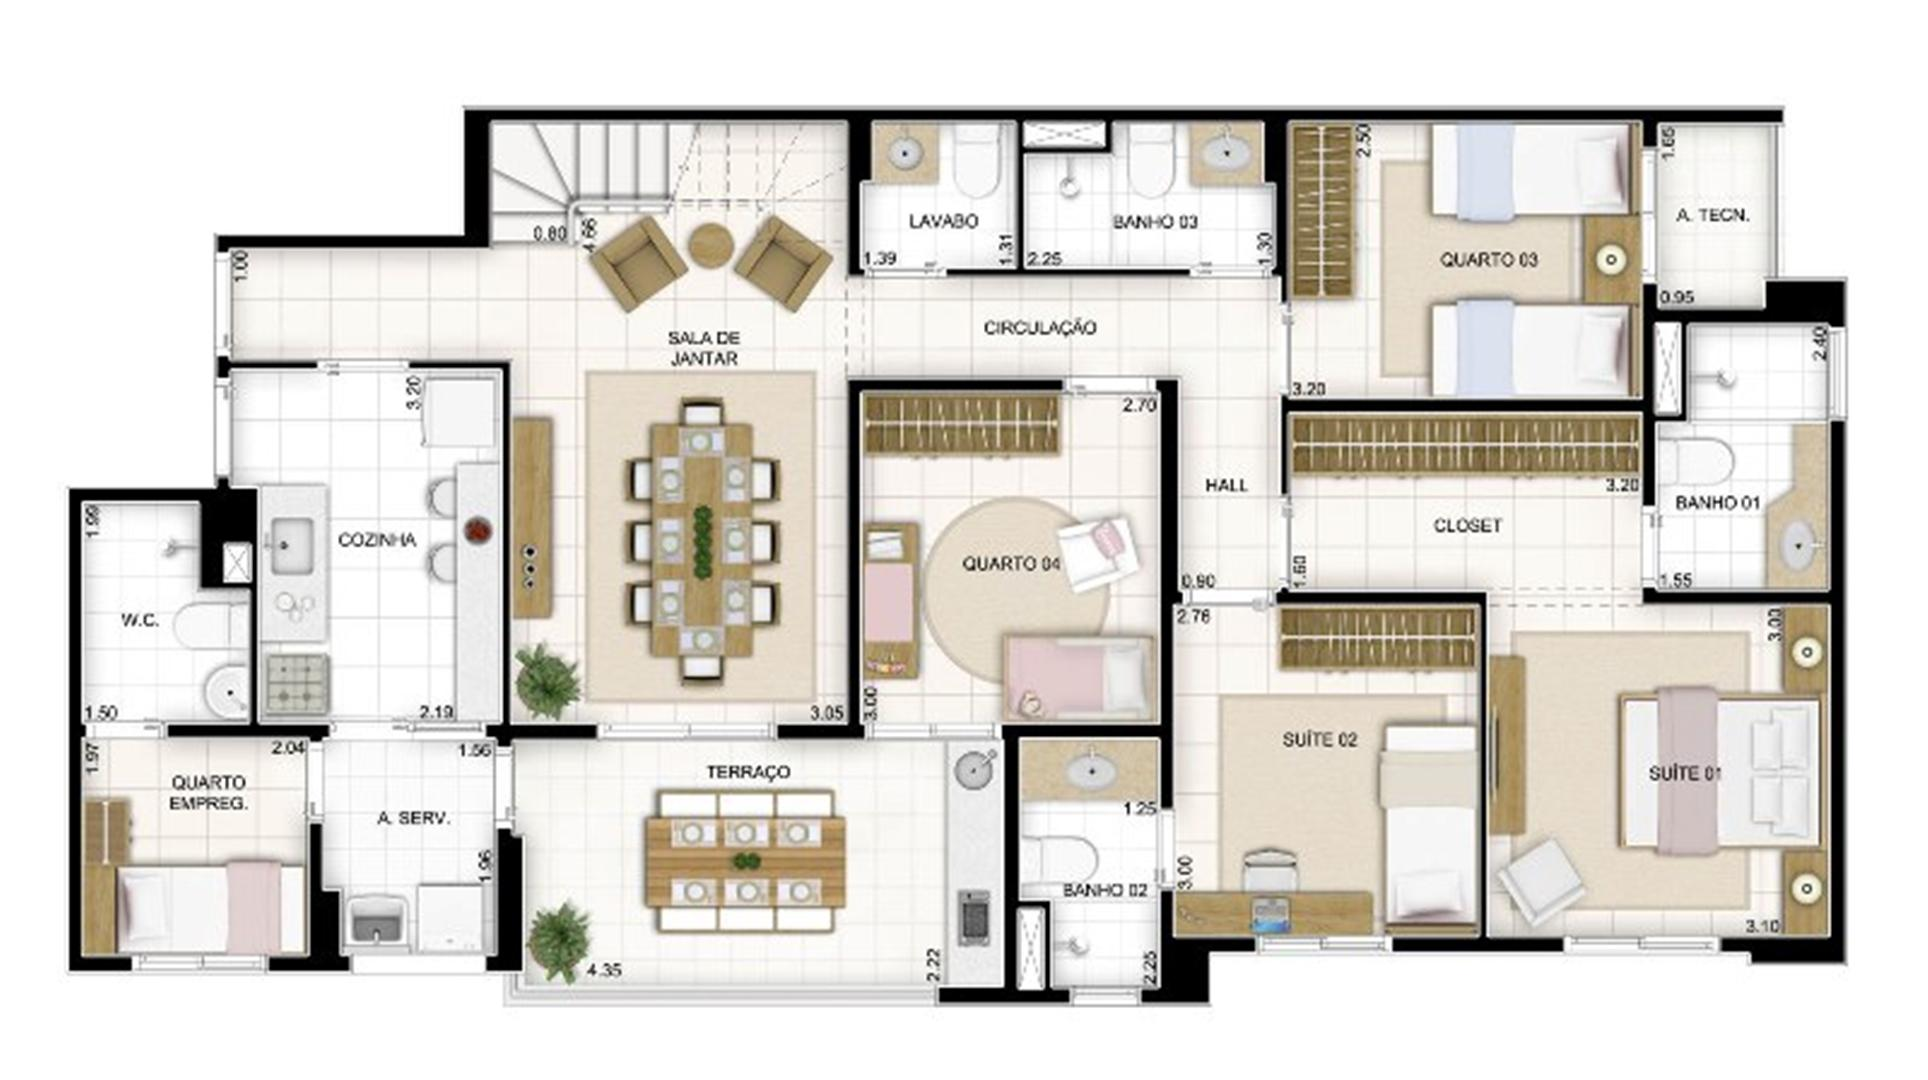 Duplex Andar Inferior 4 quartos 236 m² | Quartier Lagoa Nova – Apartamento na  Lagoa Nova - Natal - Rio Grande do Norte